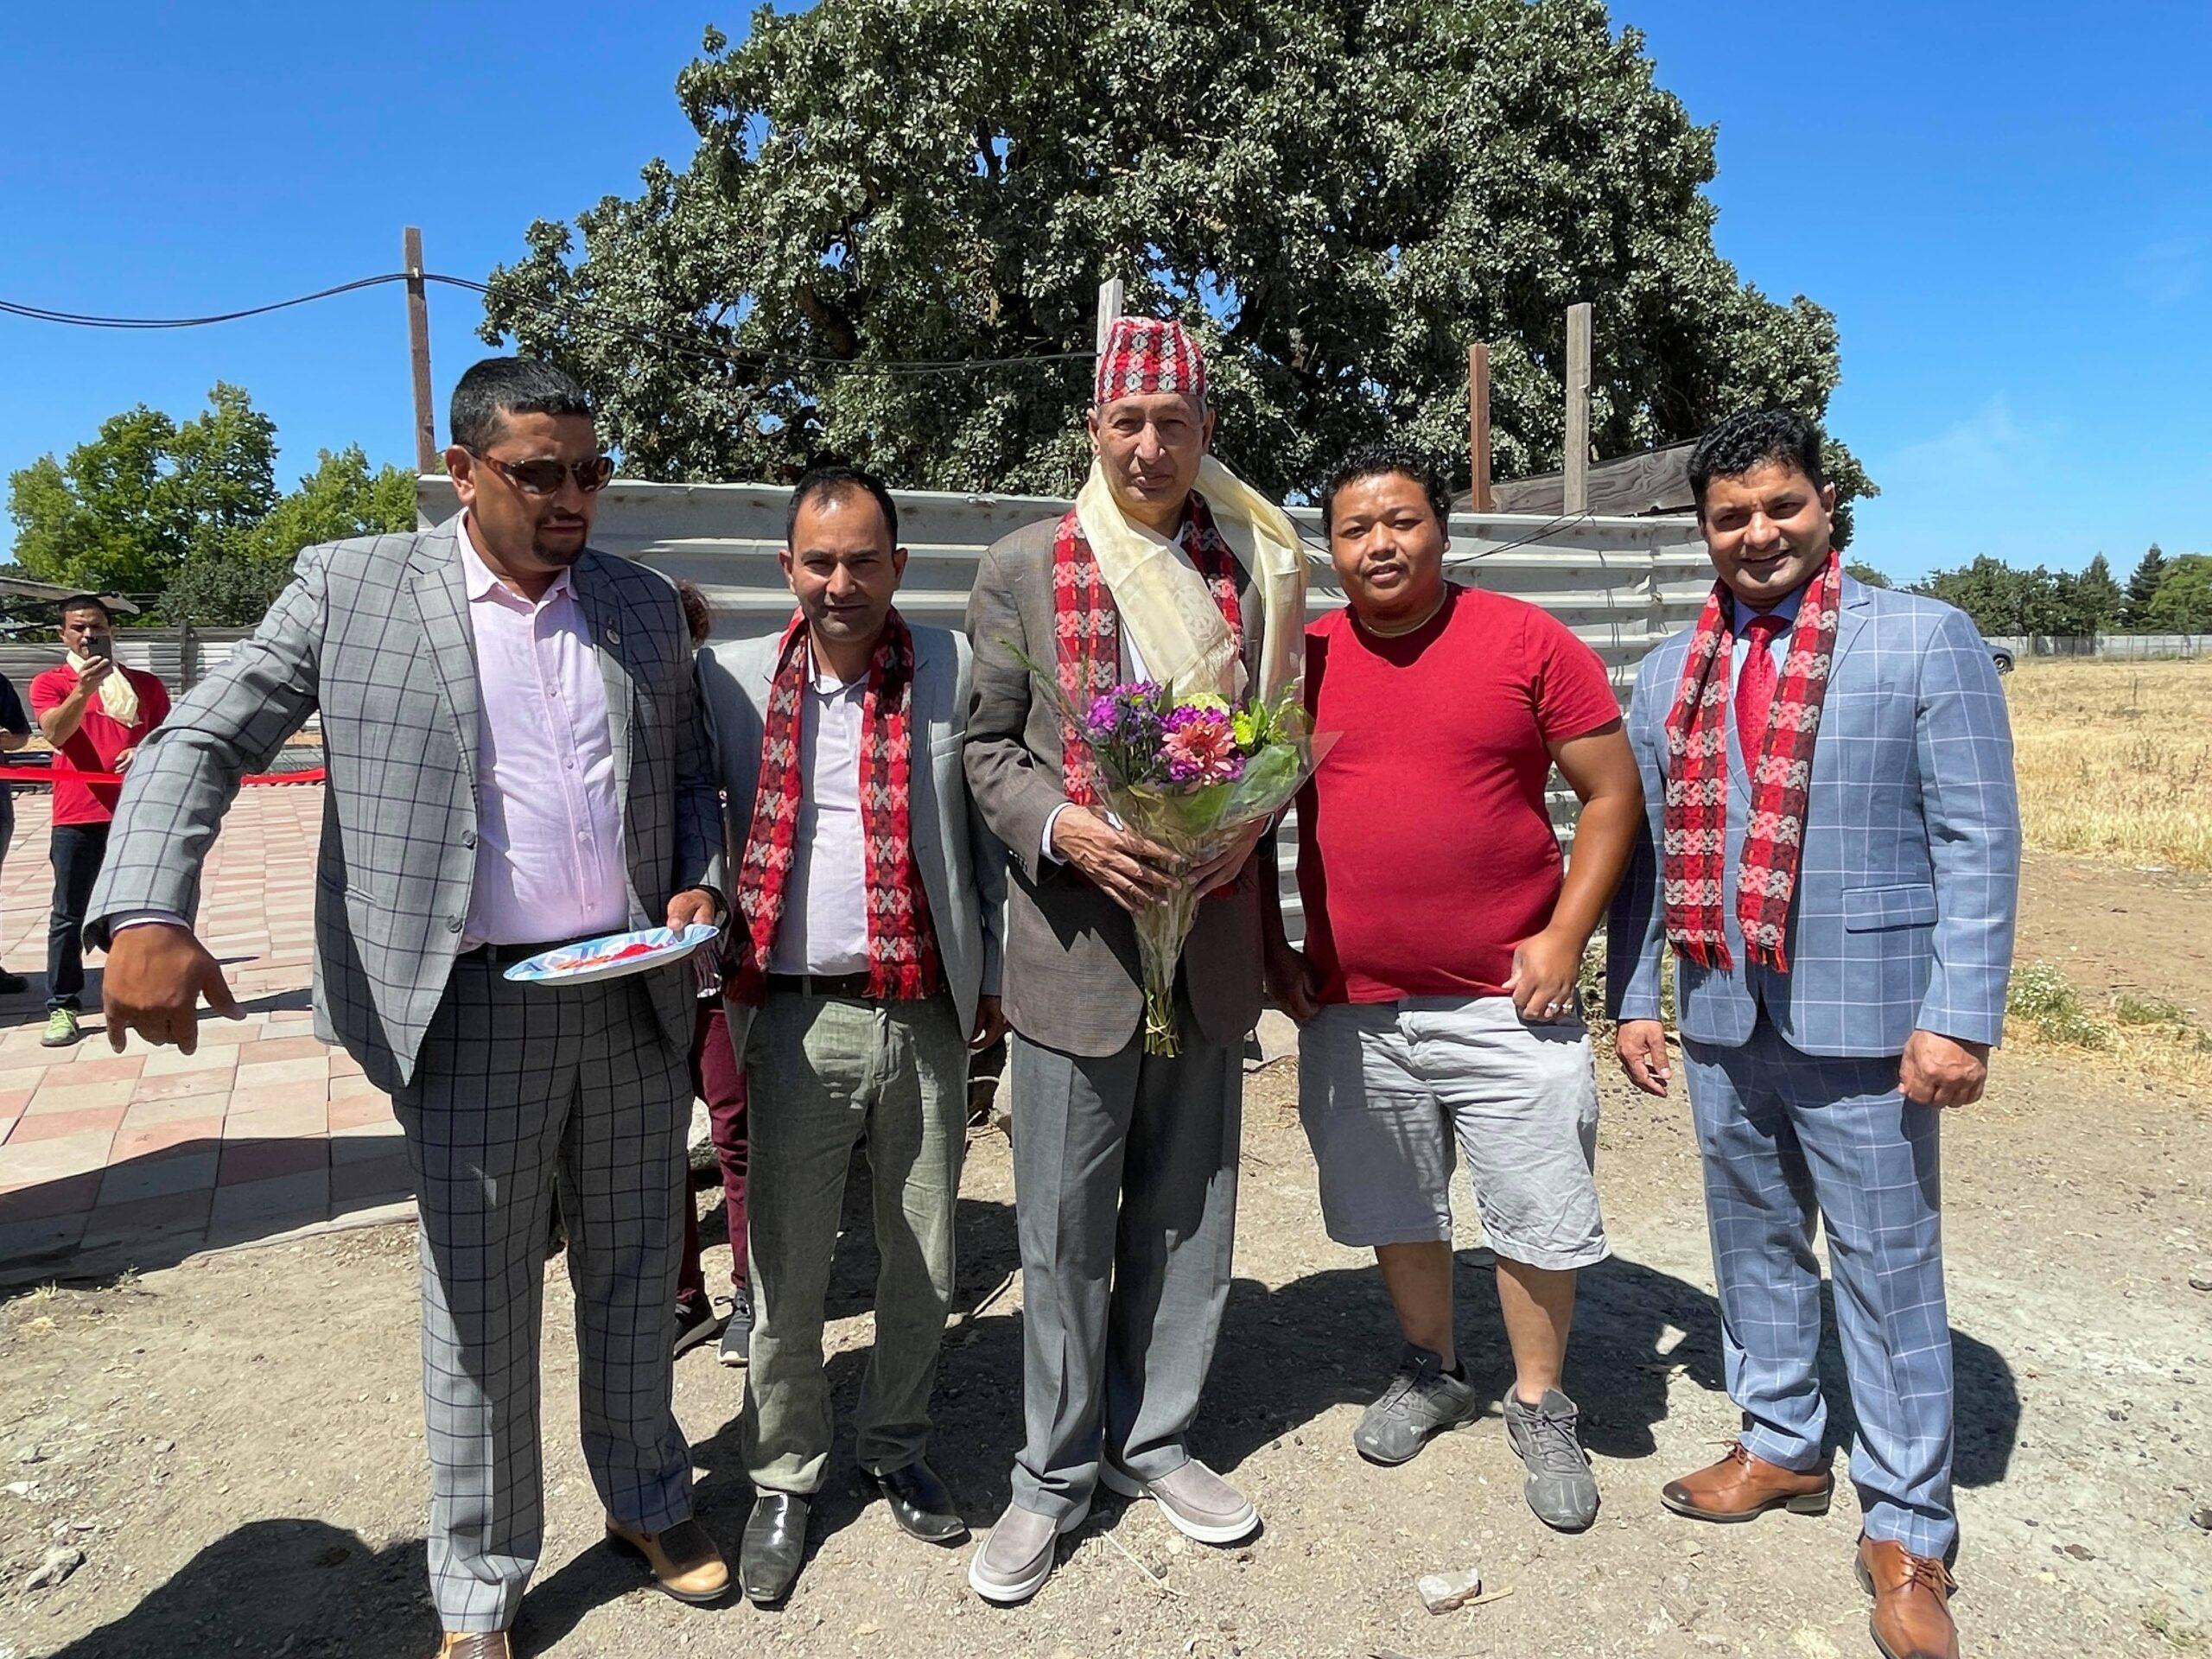 राजदुत खतिवडाद्वारा सानफ्रान्सिस्कोमा नेपाली कृषि फर्मको उद्घाटन